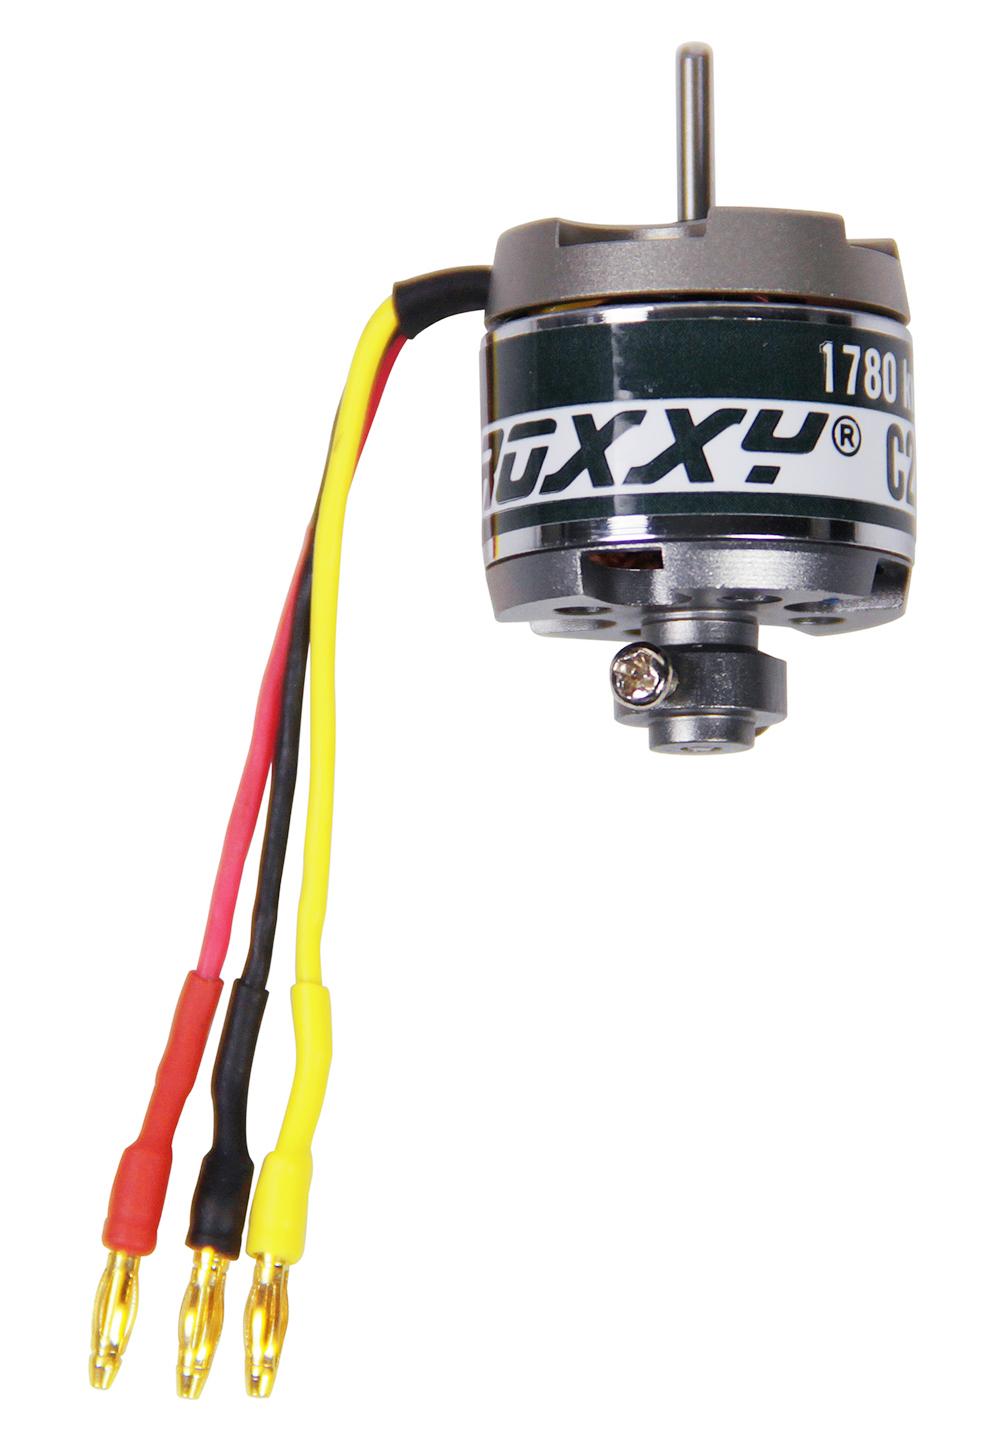 Multiplex ROXXY BL Outrunner C22-20-1780kV